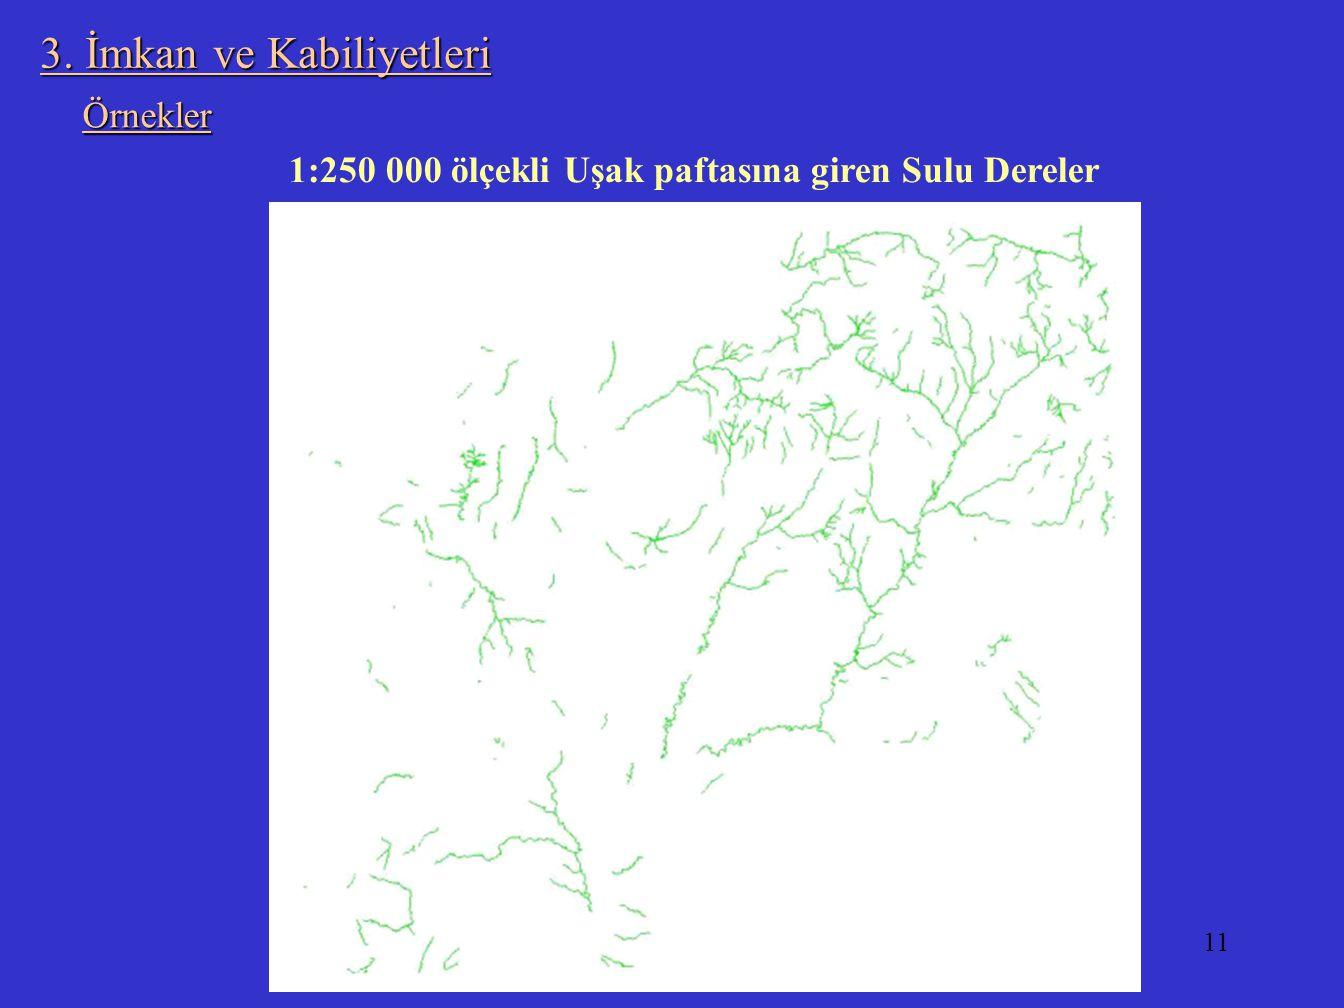 11 3. İmkan ve Kabiliyetleri 1:250.000 ölçekli Uşak paftasına giren Sulu Dereler Örnekler